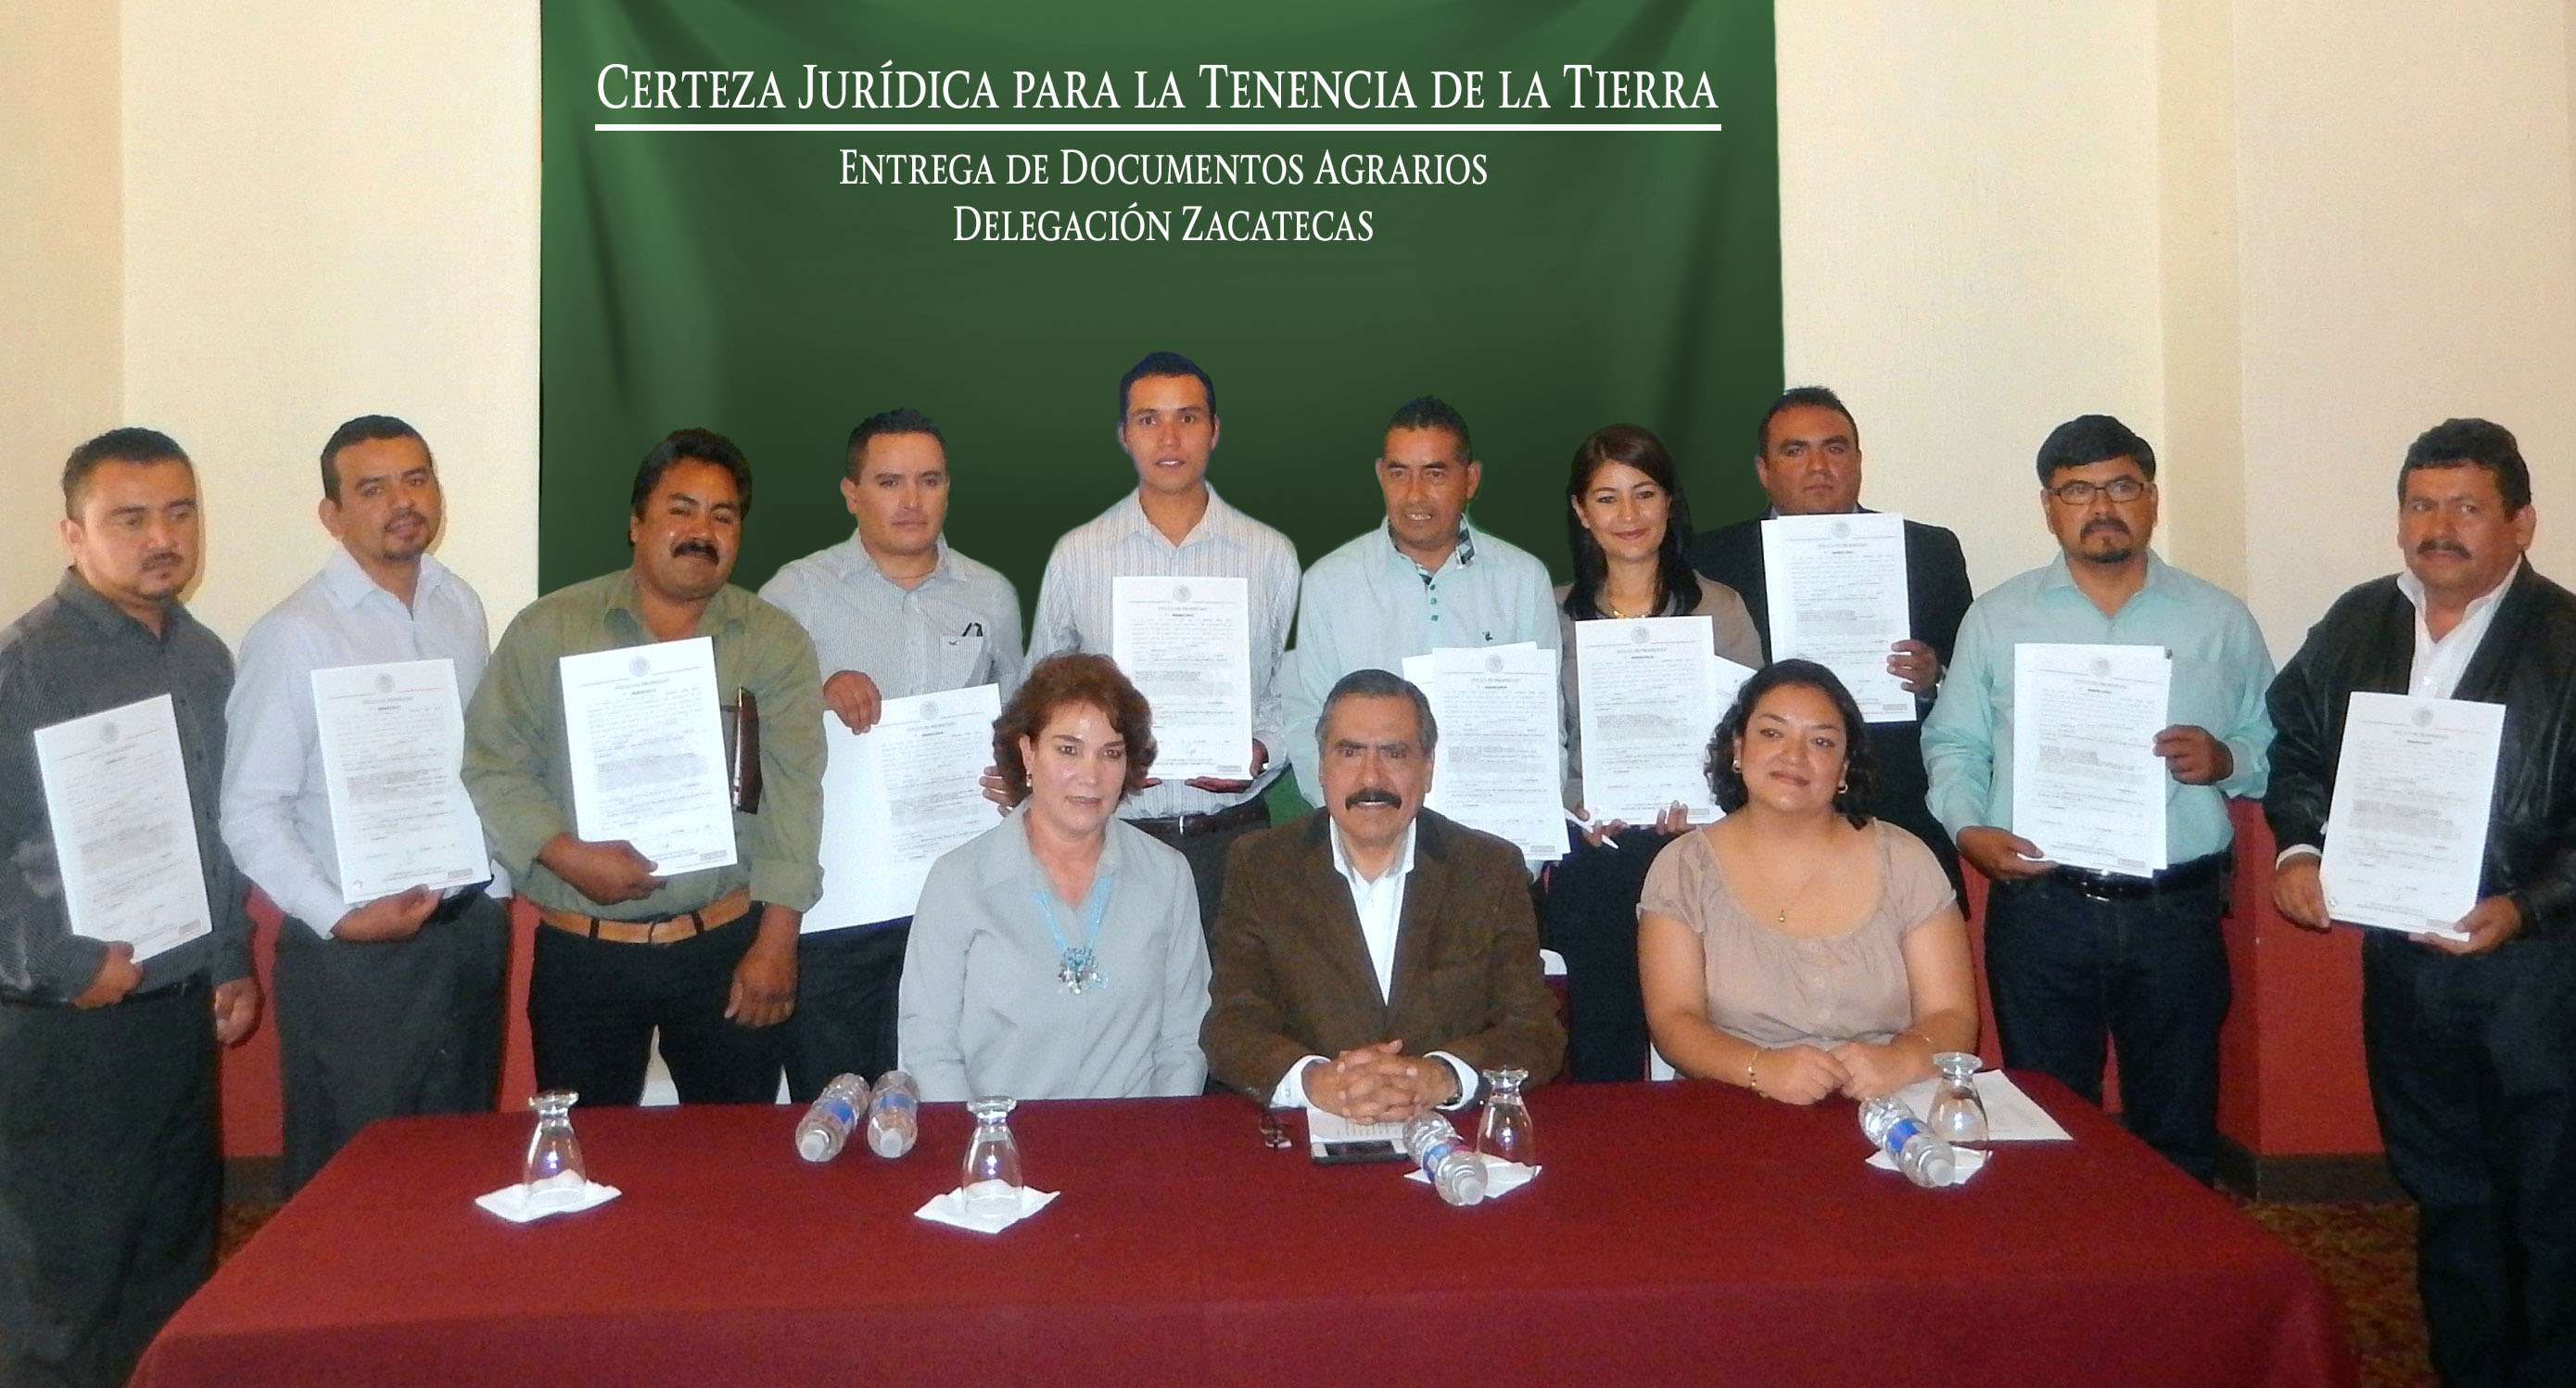 En la foto, beneficiarios muestran títulos de propiedad otorgados por SEDATU, a través del Registro Agrario Nacional, con los que se regularizan los predios de planteles del Colegio de Estudios Científicos y Tecnológicos de Zacatecas.